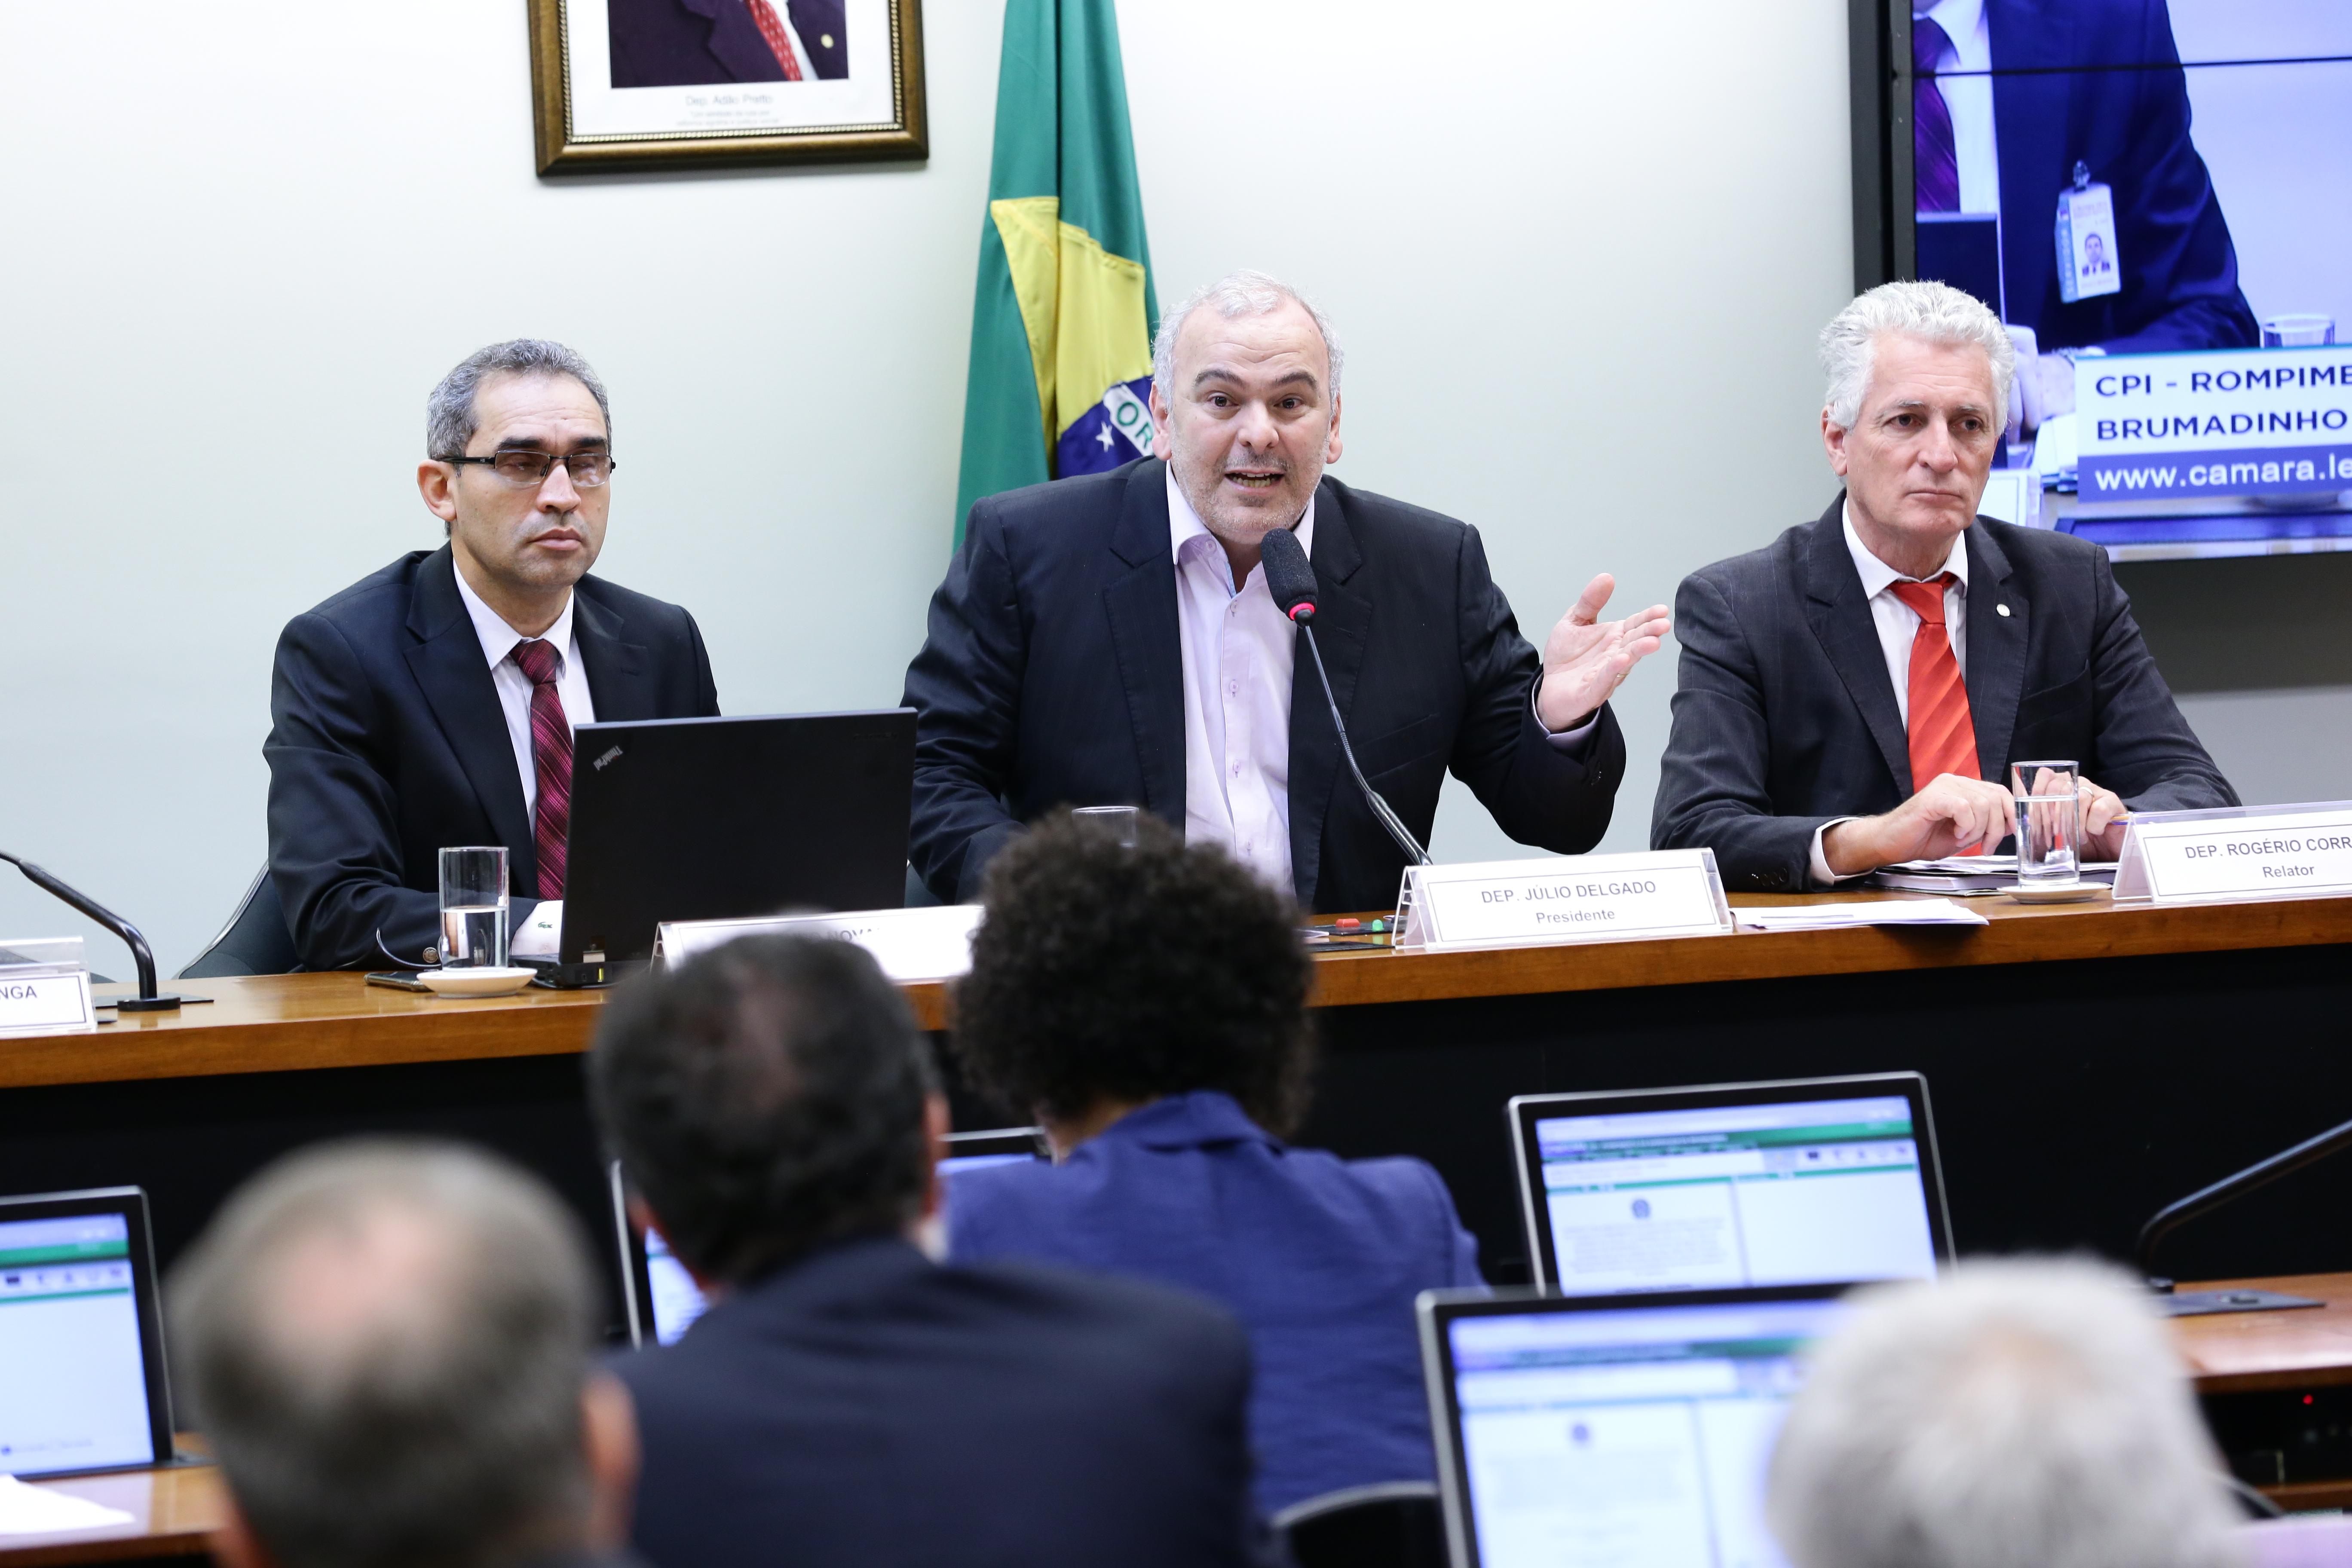 Audiência pública para tomada de depoimento. Dep. Júlio Delgado (PSB-MG)